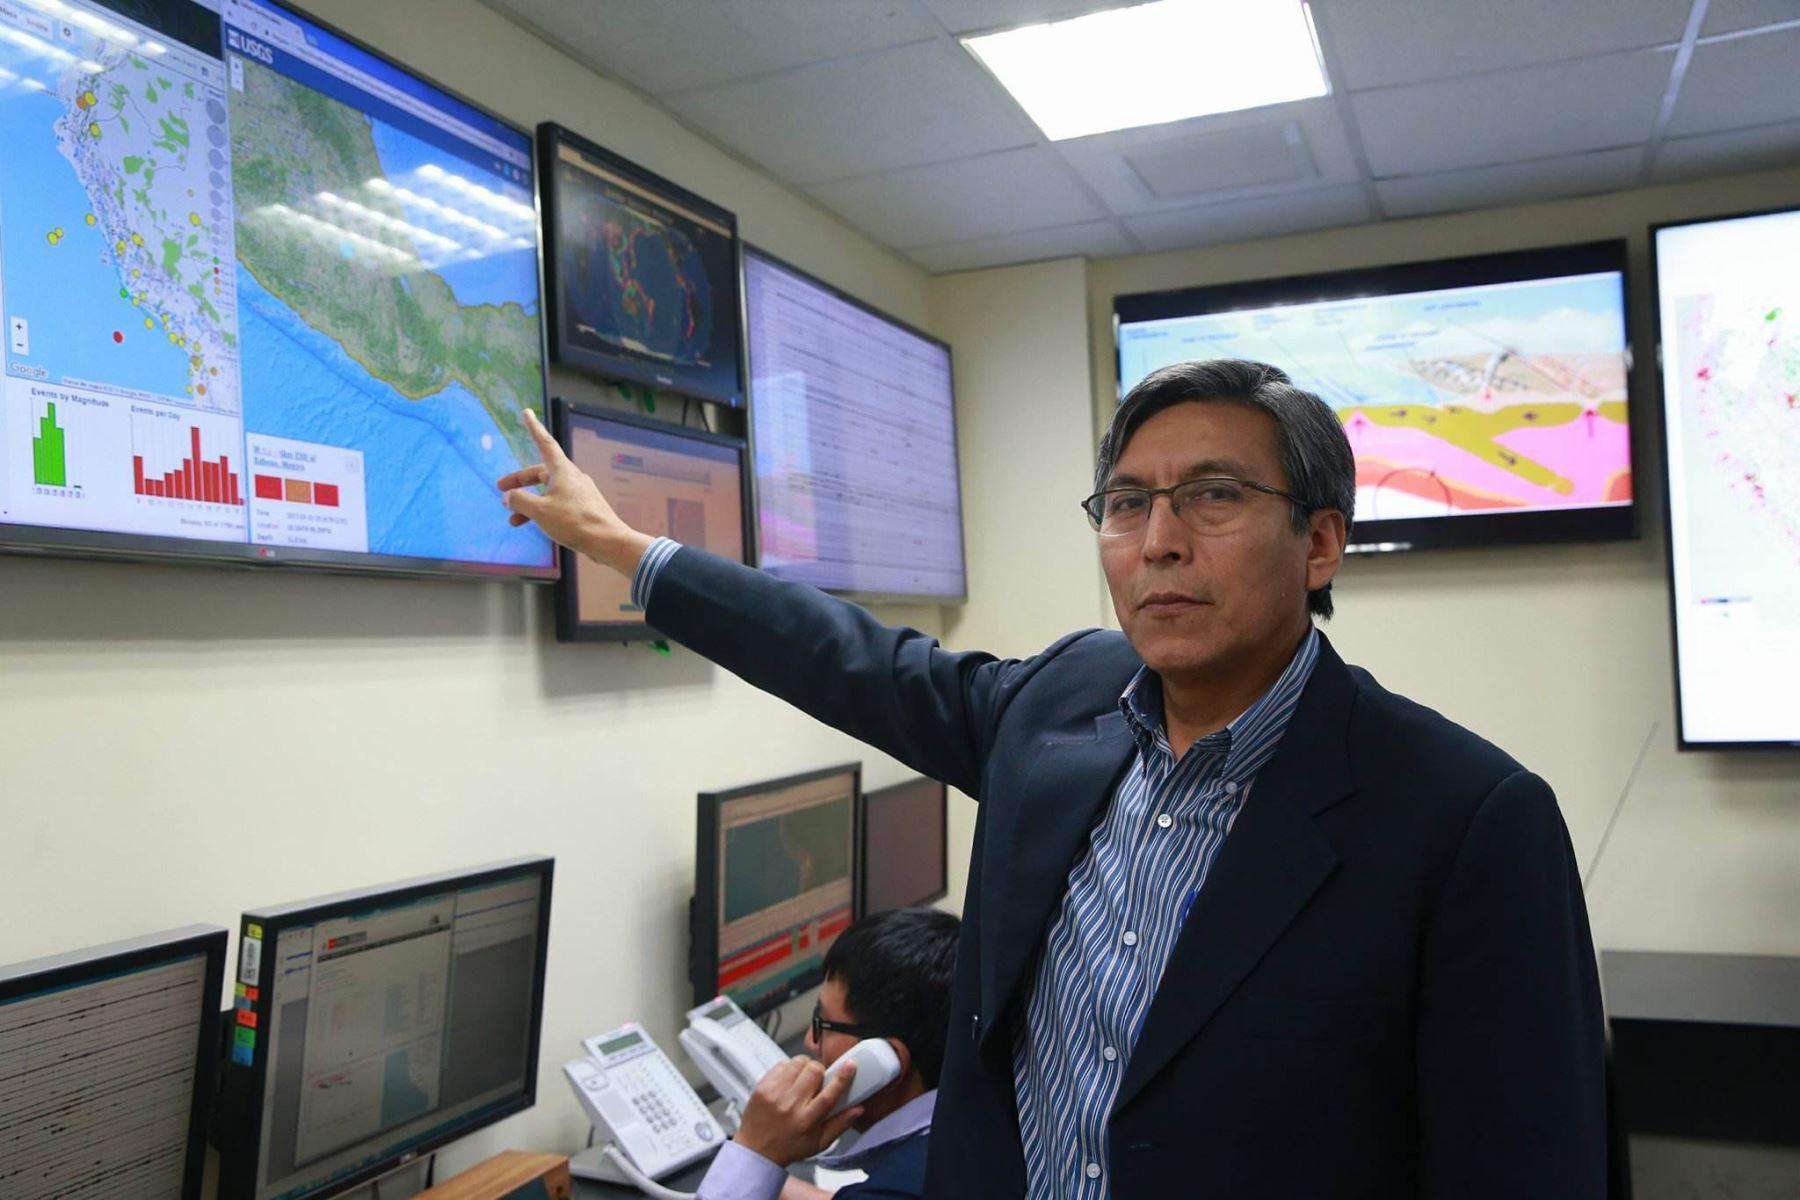 peru-39-sismos-se-han-reportado-en-las-primeras-tres-semanas-de-enero-video